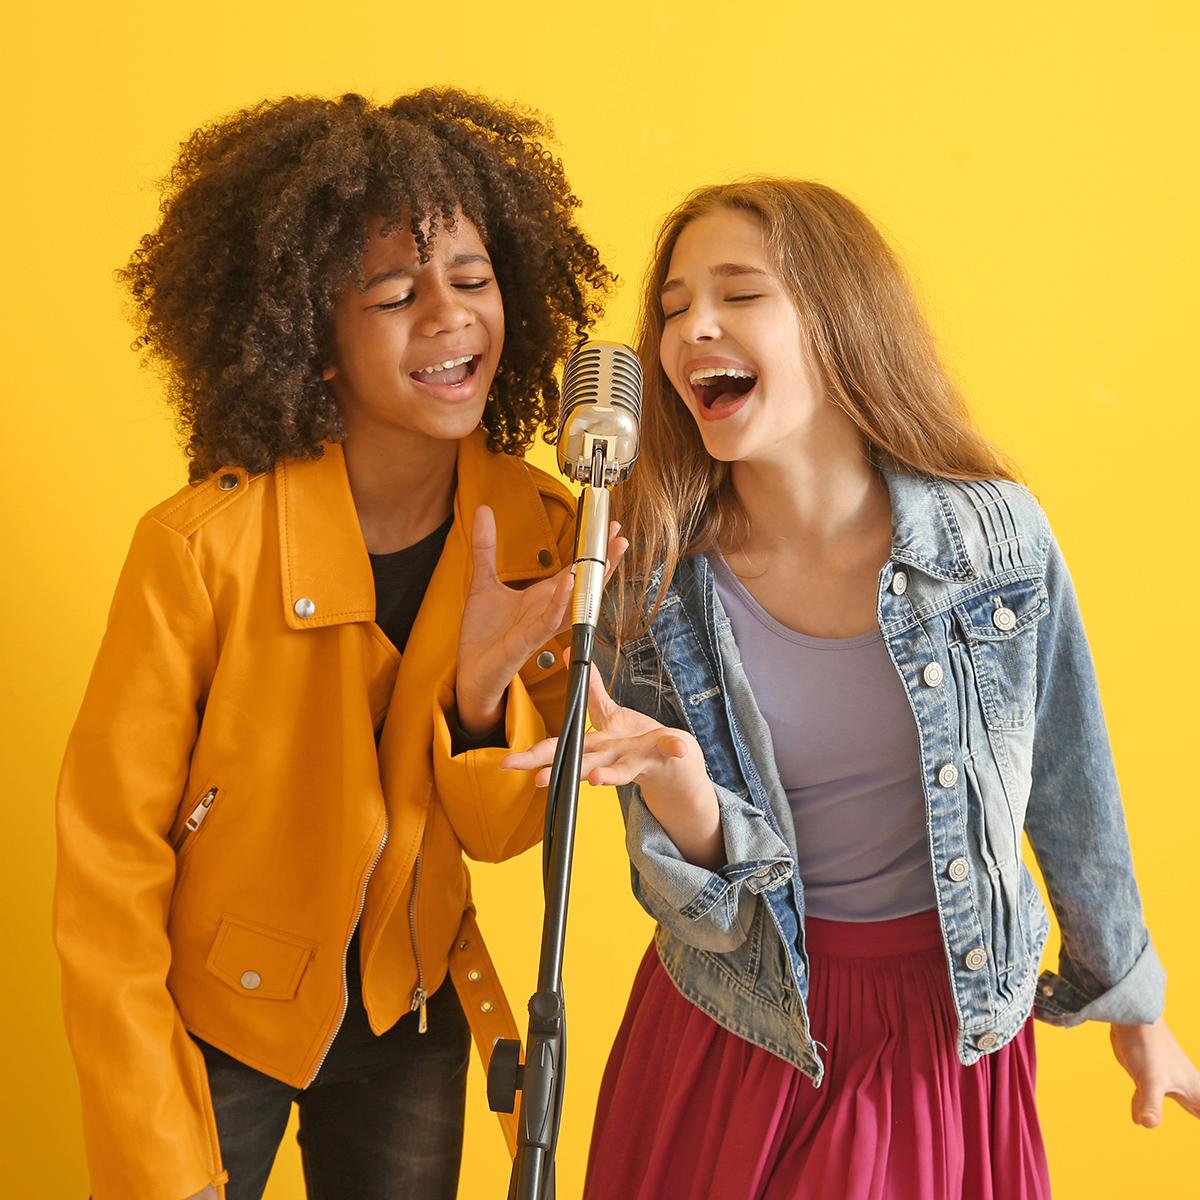 Leren zingen, Zangles Gouda, Zangles, zingen gouda, zingen